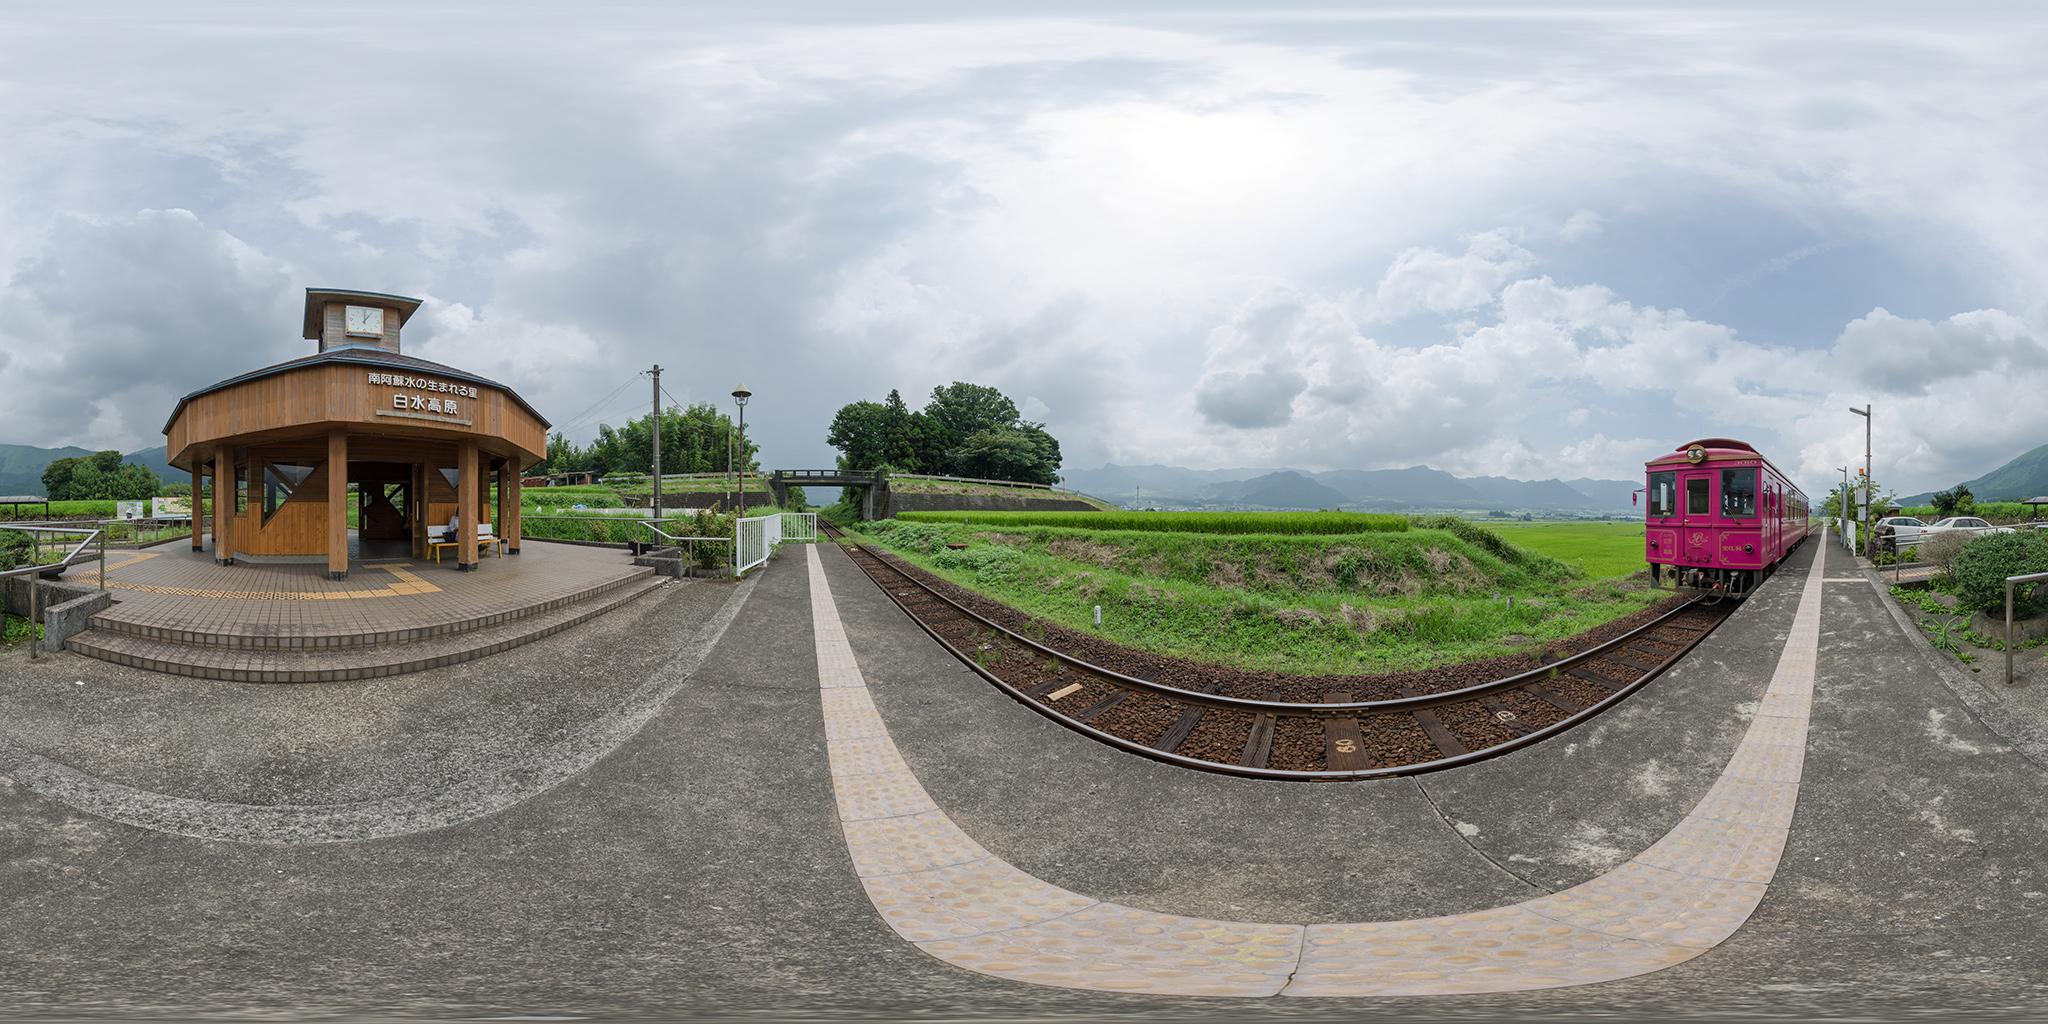 南阿蘇水の生まれる里白水高原駅に到着するMT-3010形